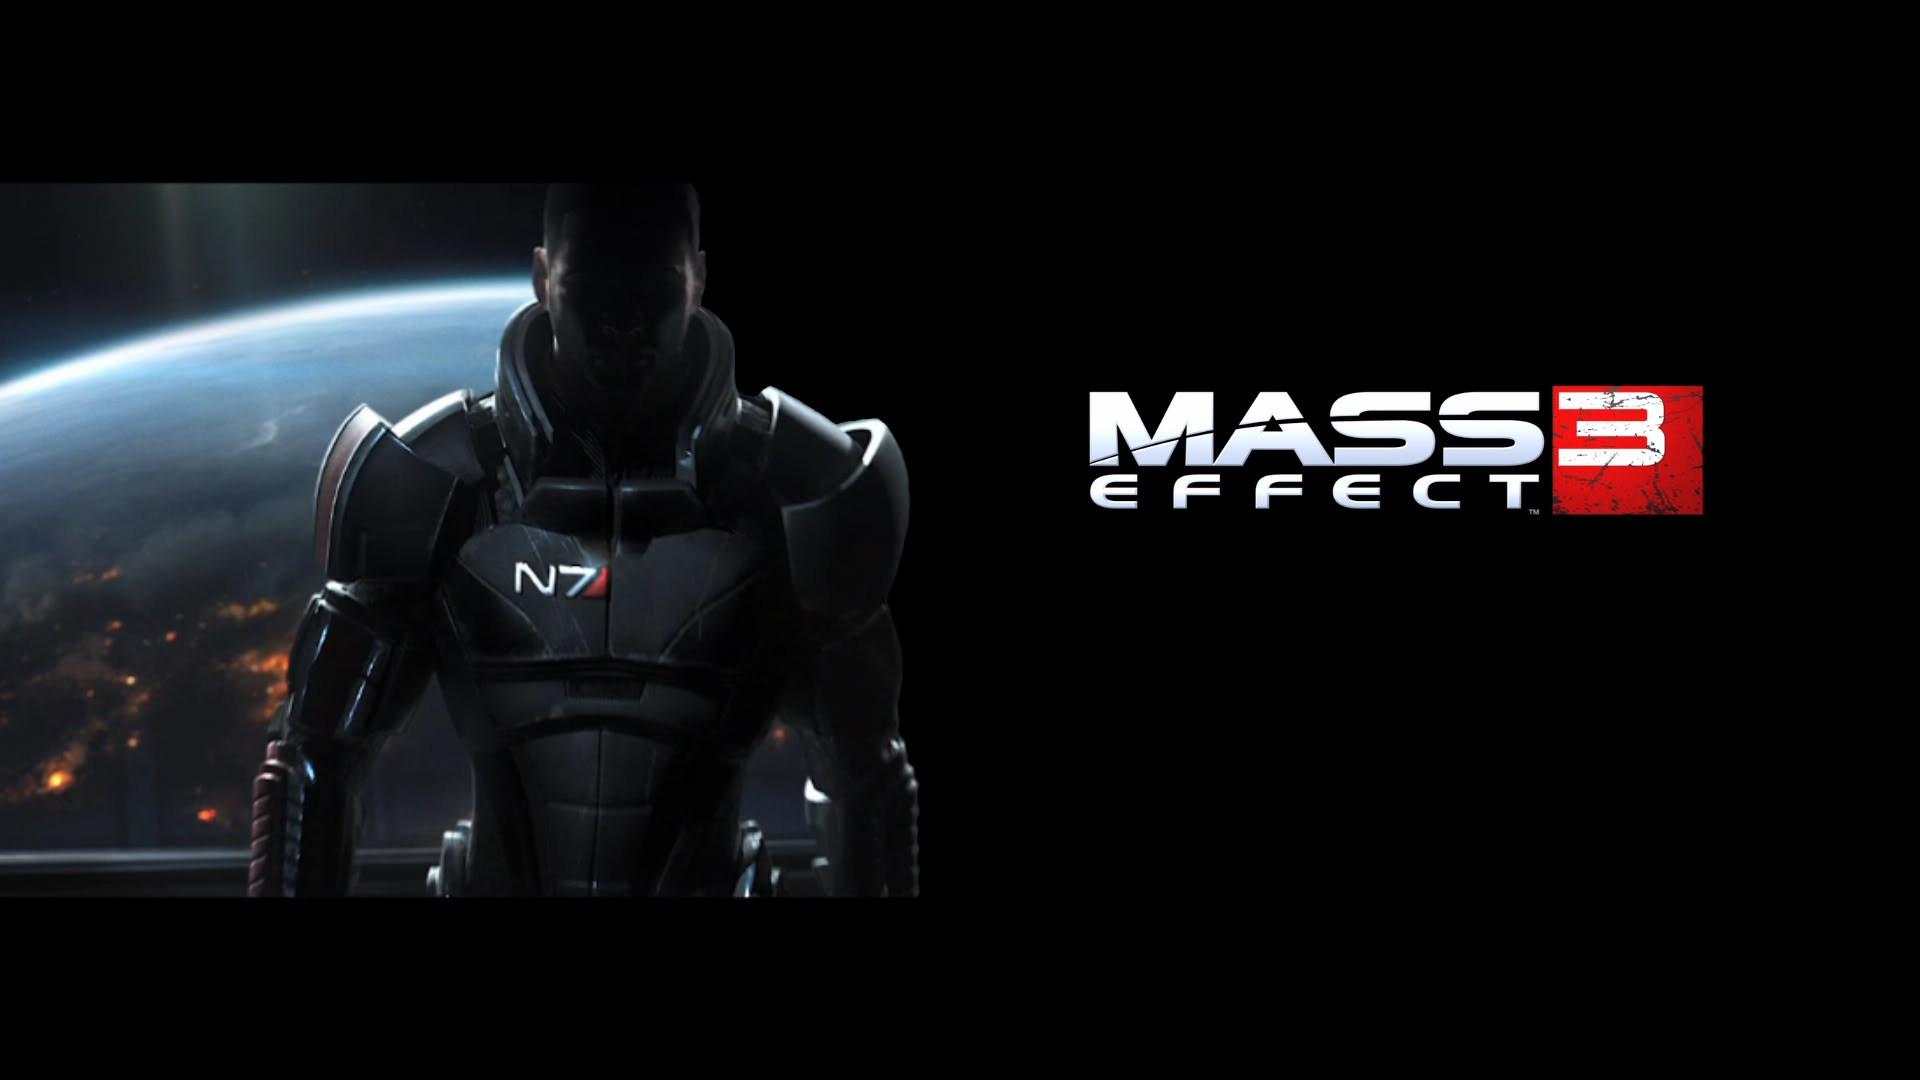 1329130027_mass-effect-3-7.jpg